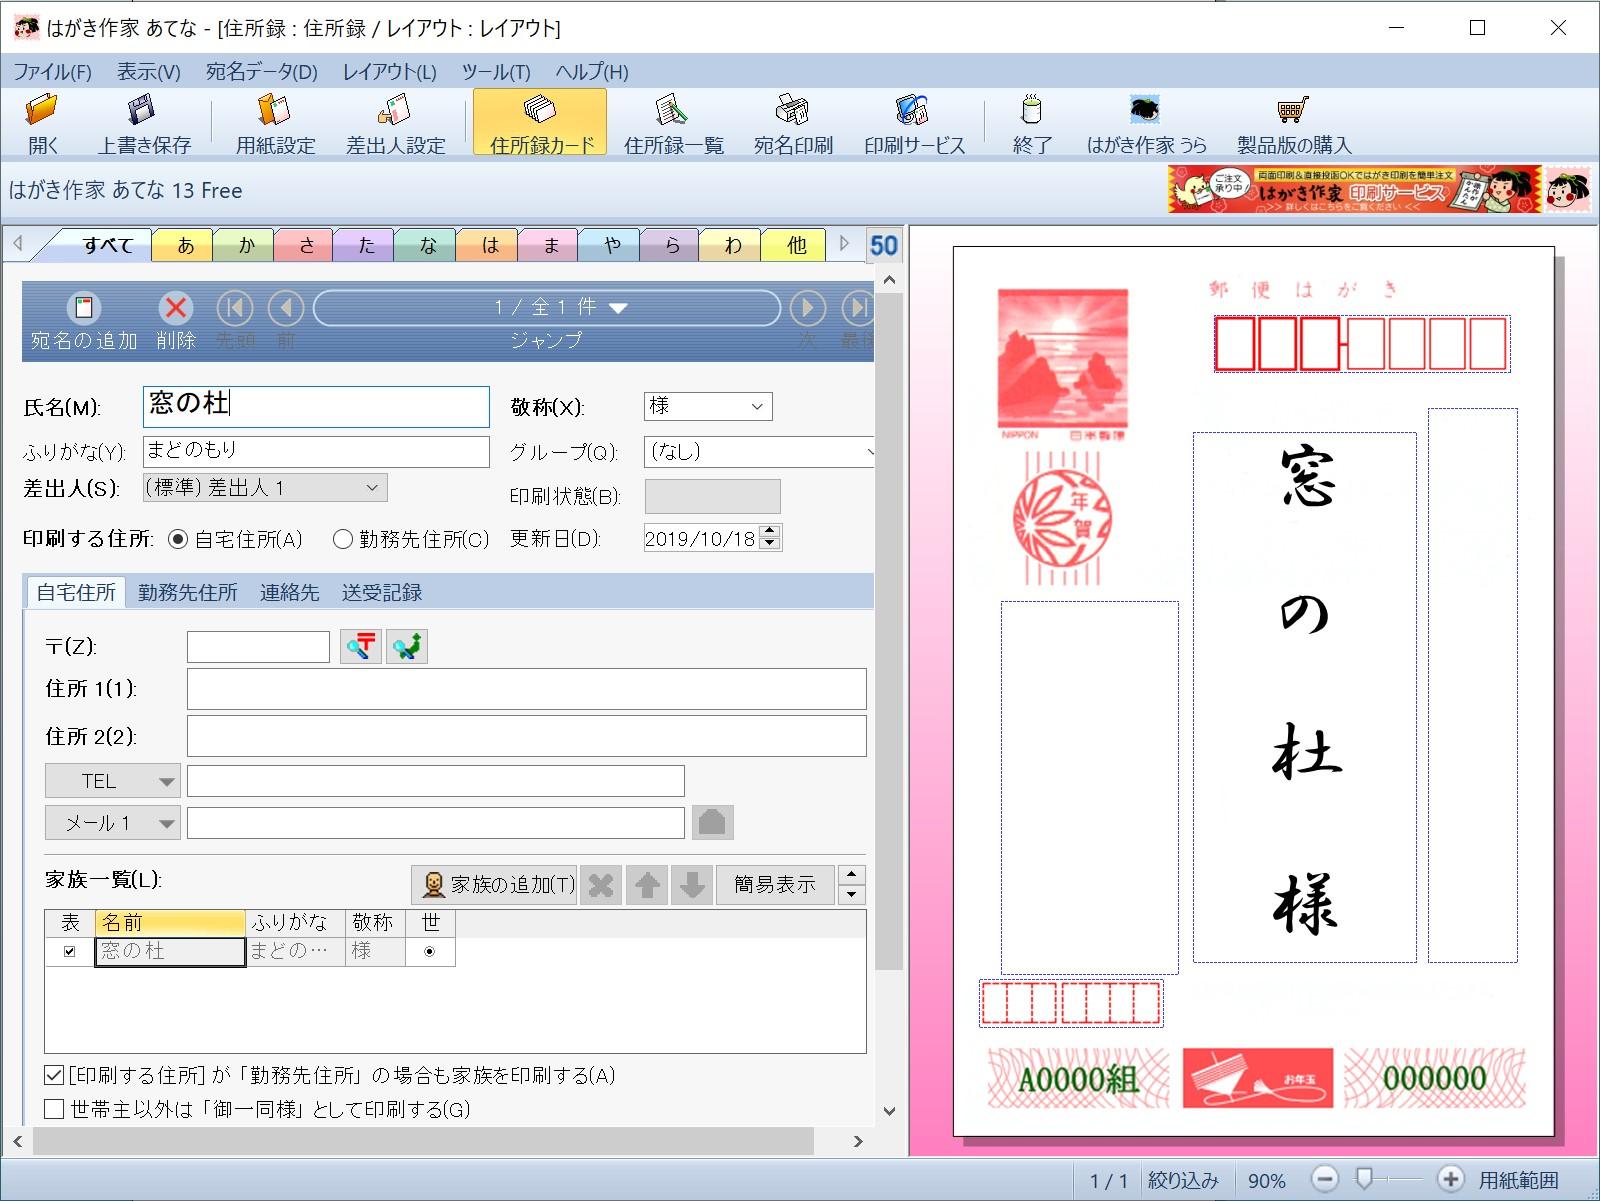 「はがき作家 13 Free」v12.00(「はがき作家 あてな」)